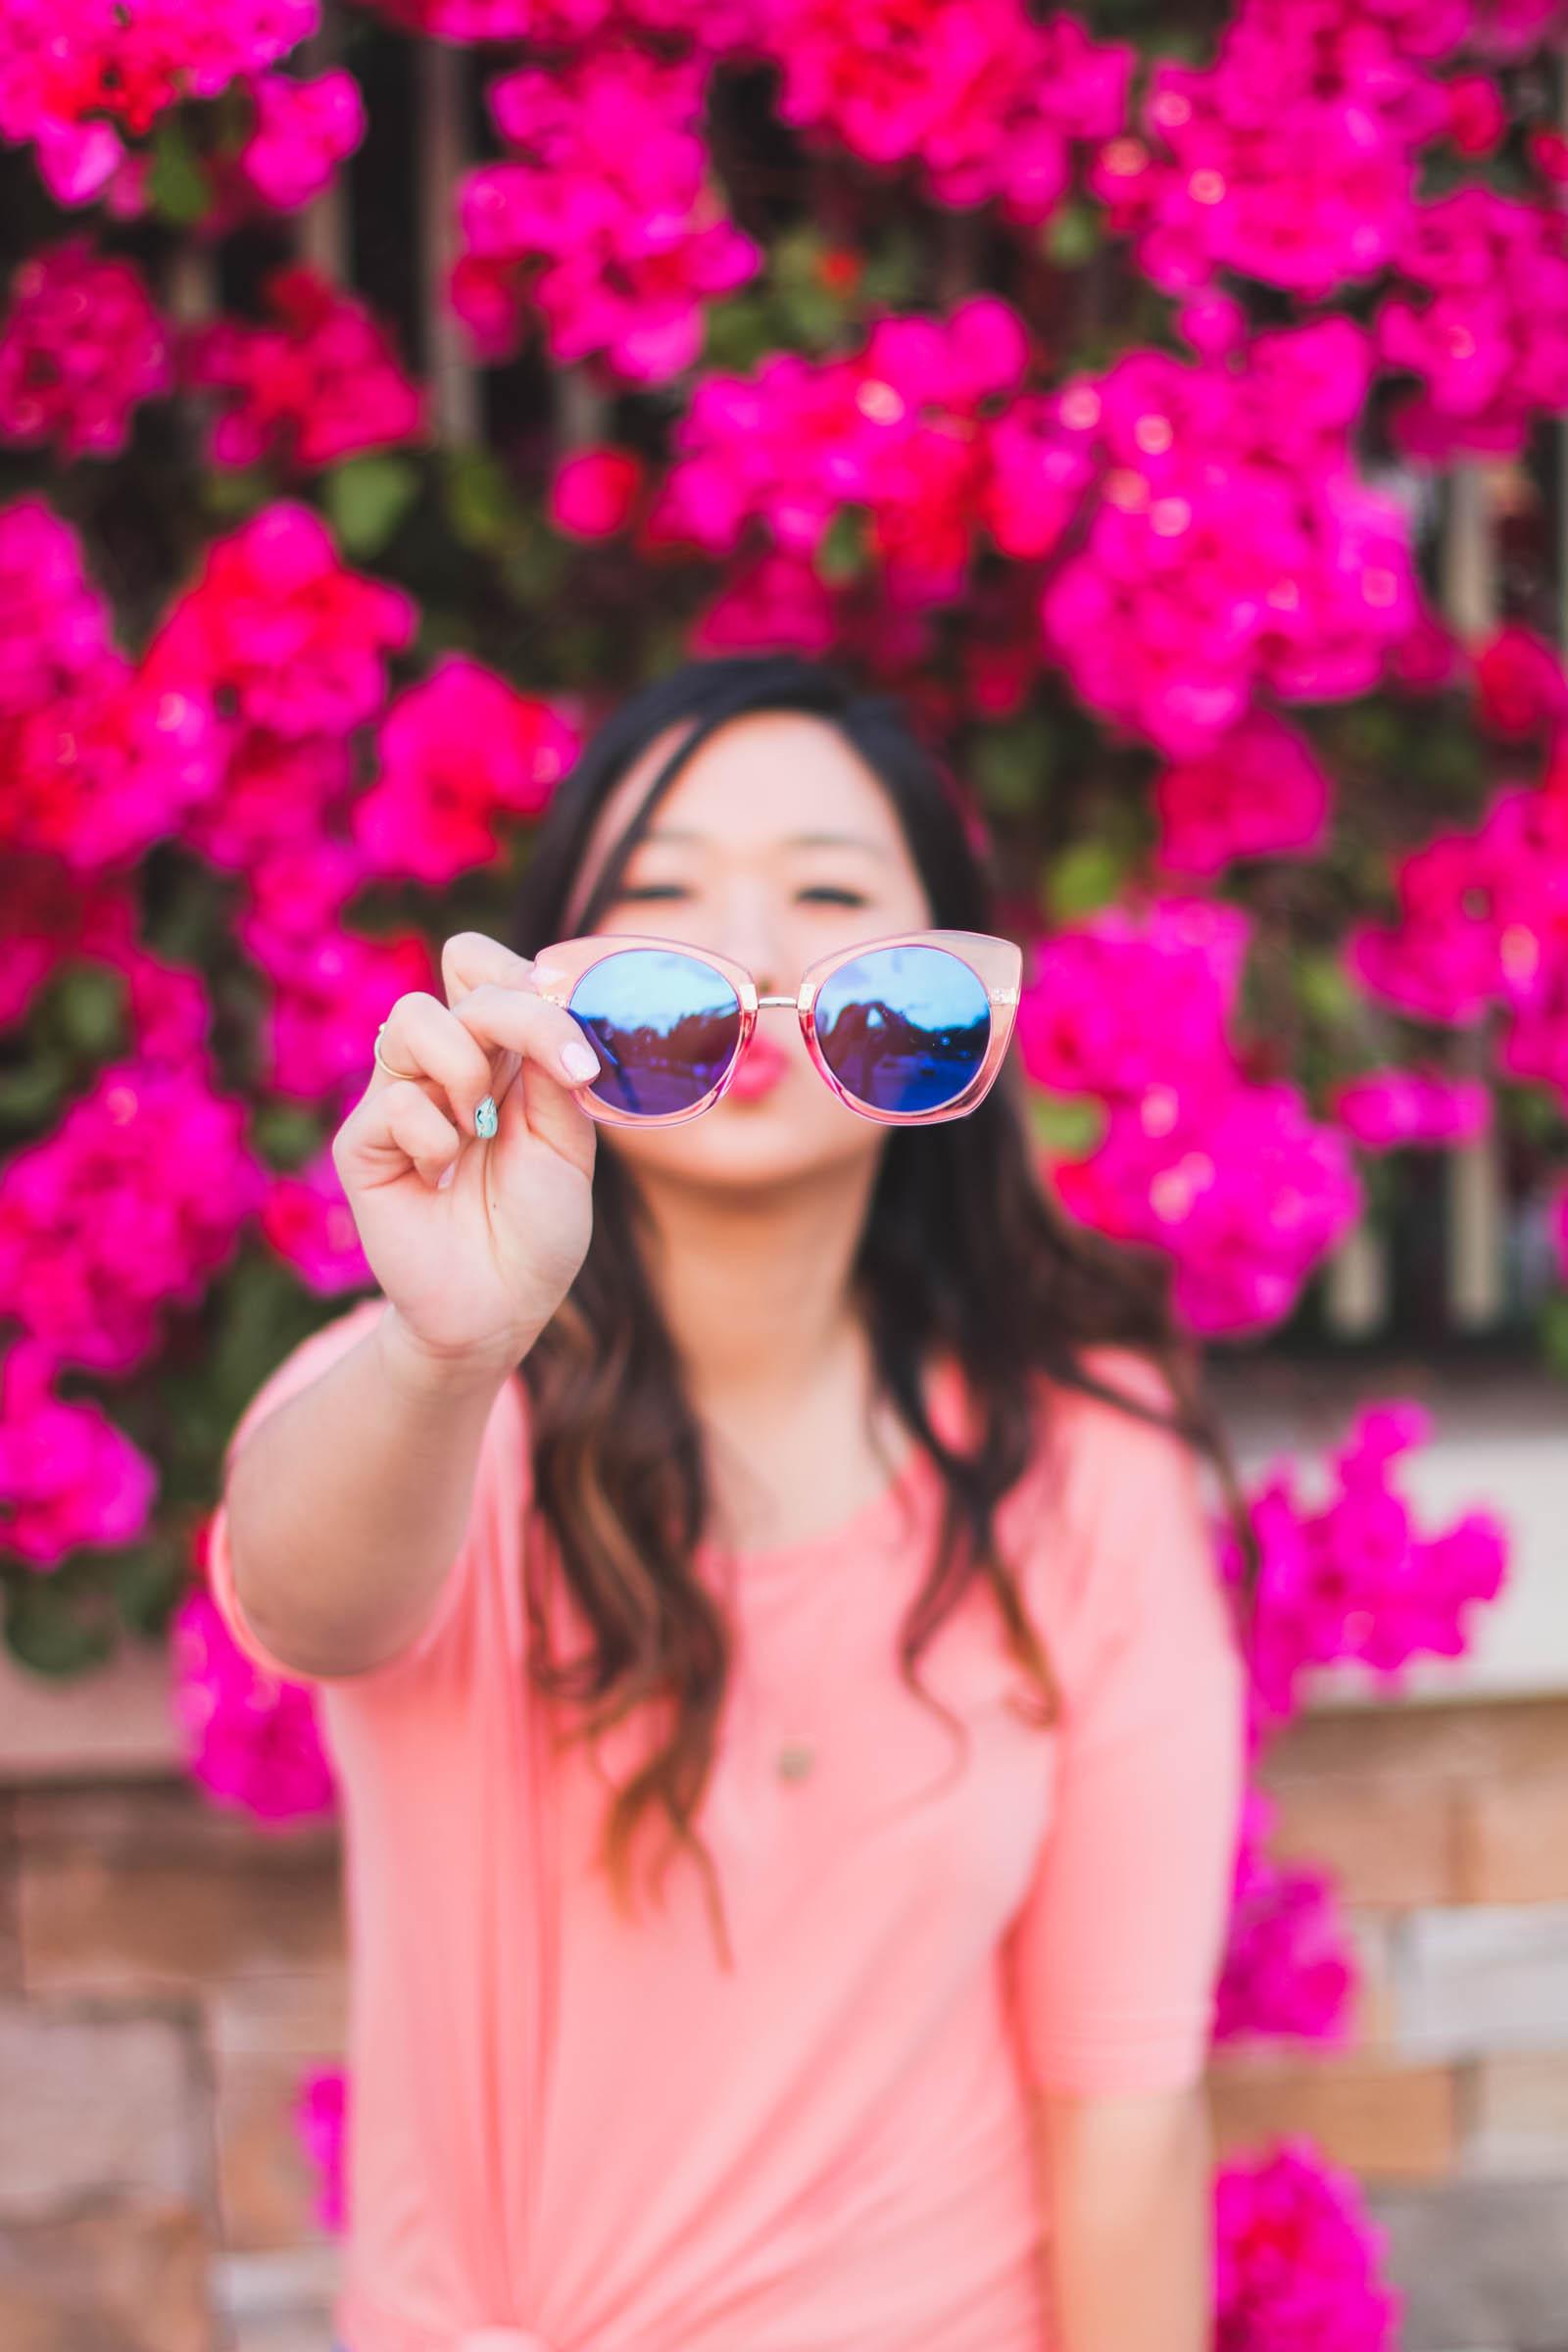 FJ and Co sunglasses